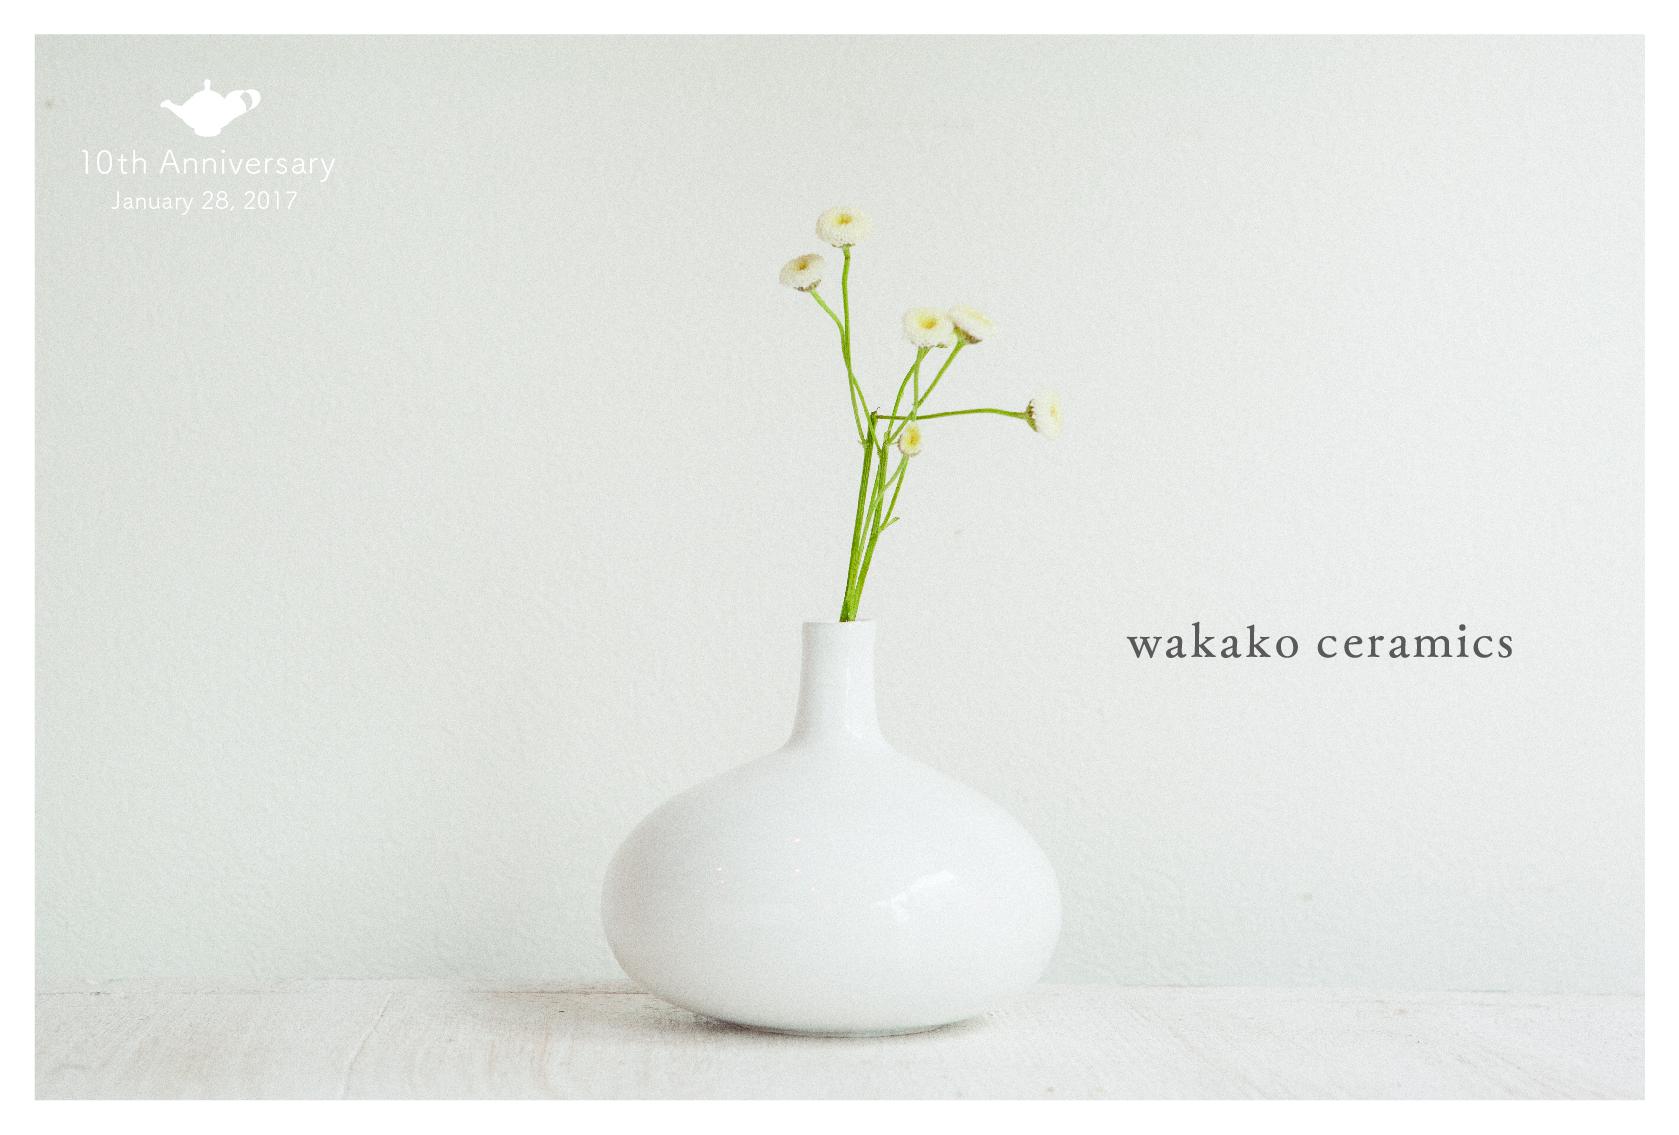 wakako2017